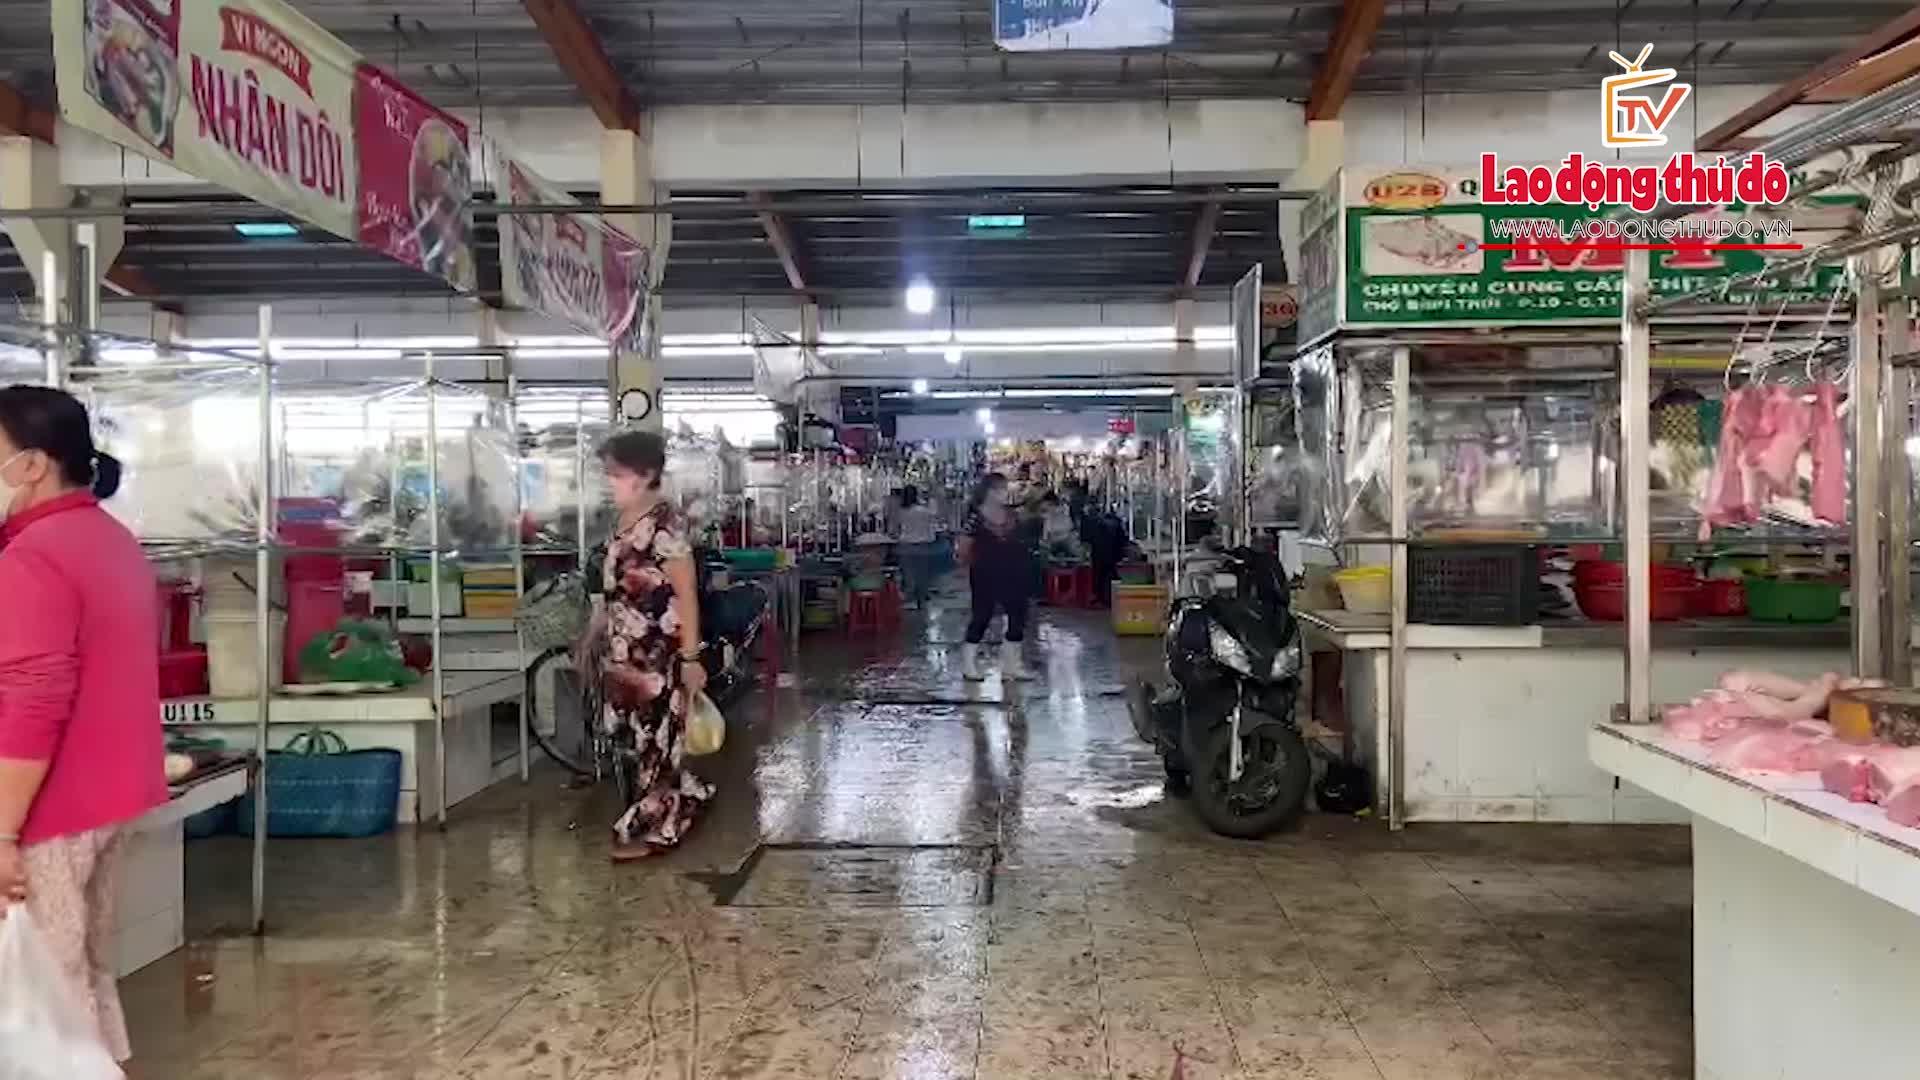 Chợ truyền thống ở thành phố Hồ Chí Minh vắng khách sau dịch